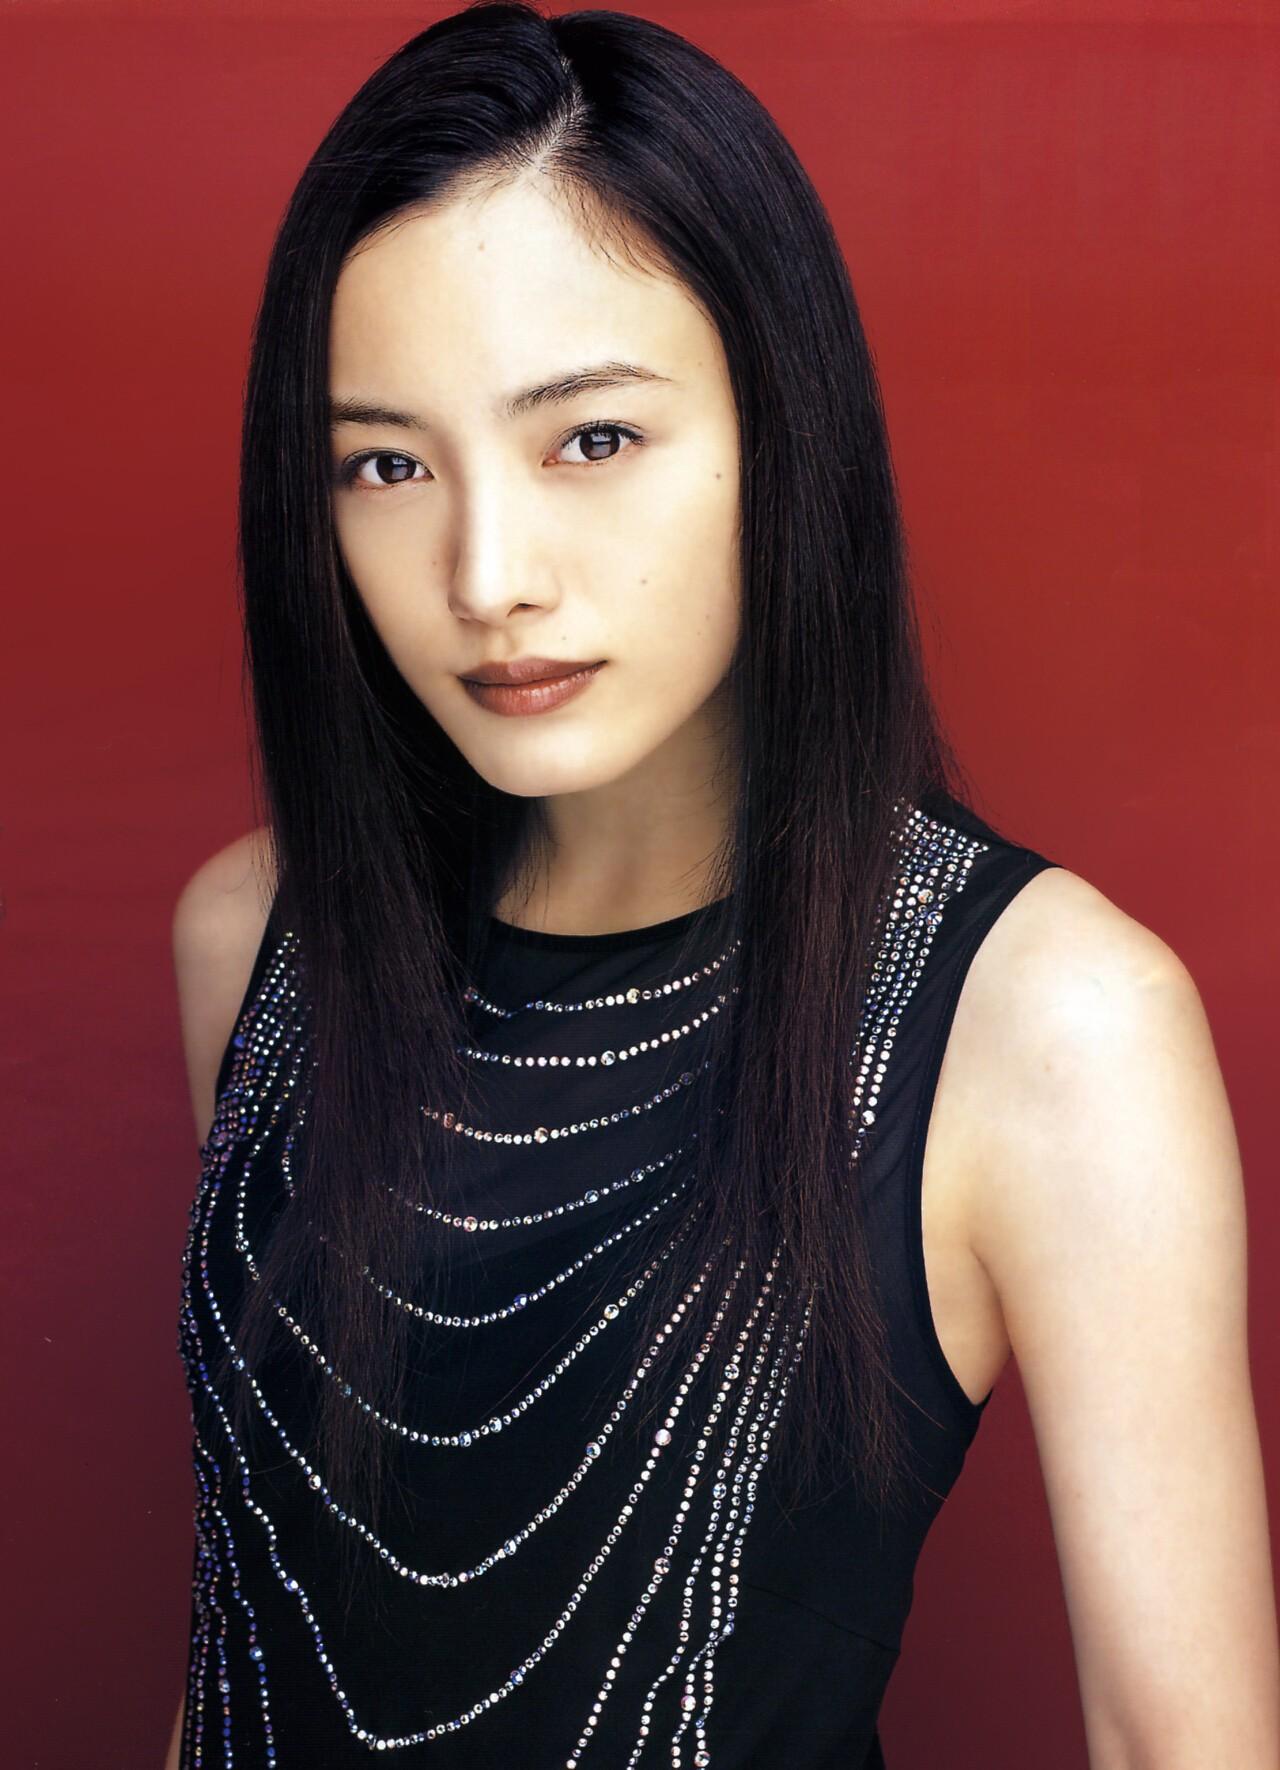 シリアスもコメディーもこなす女優・仲間由紀恵さんの画像をまとめてみました。のサムネイル画像